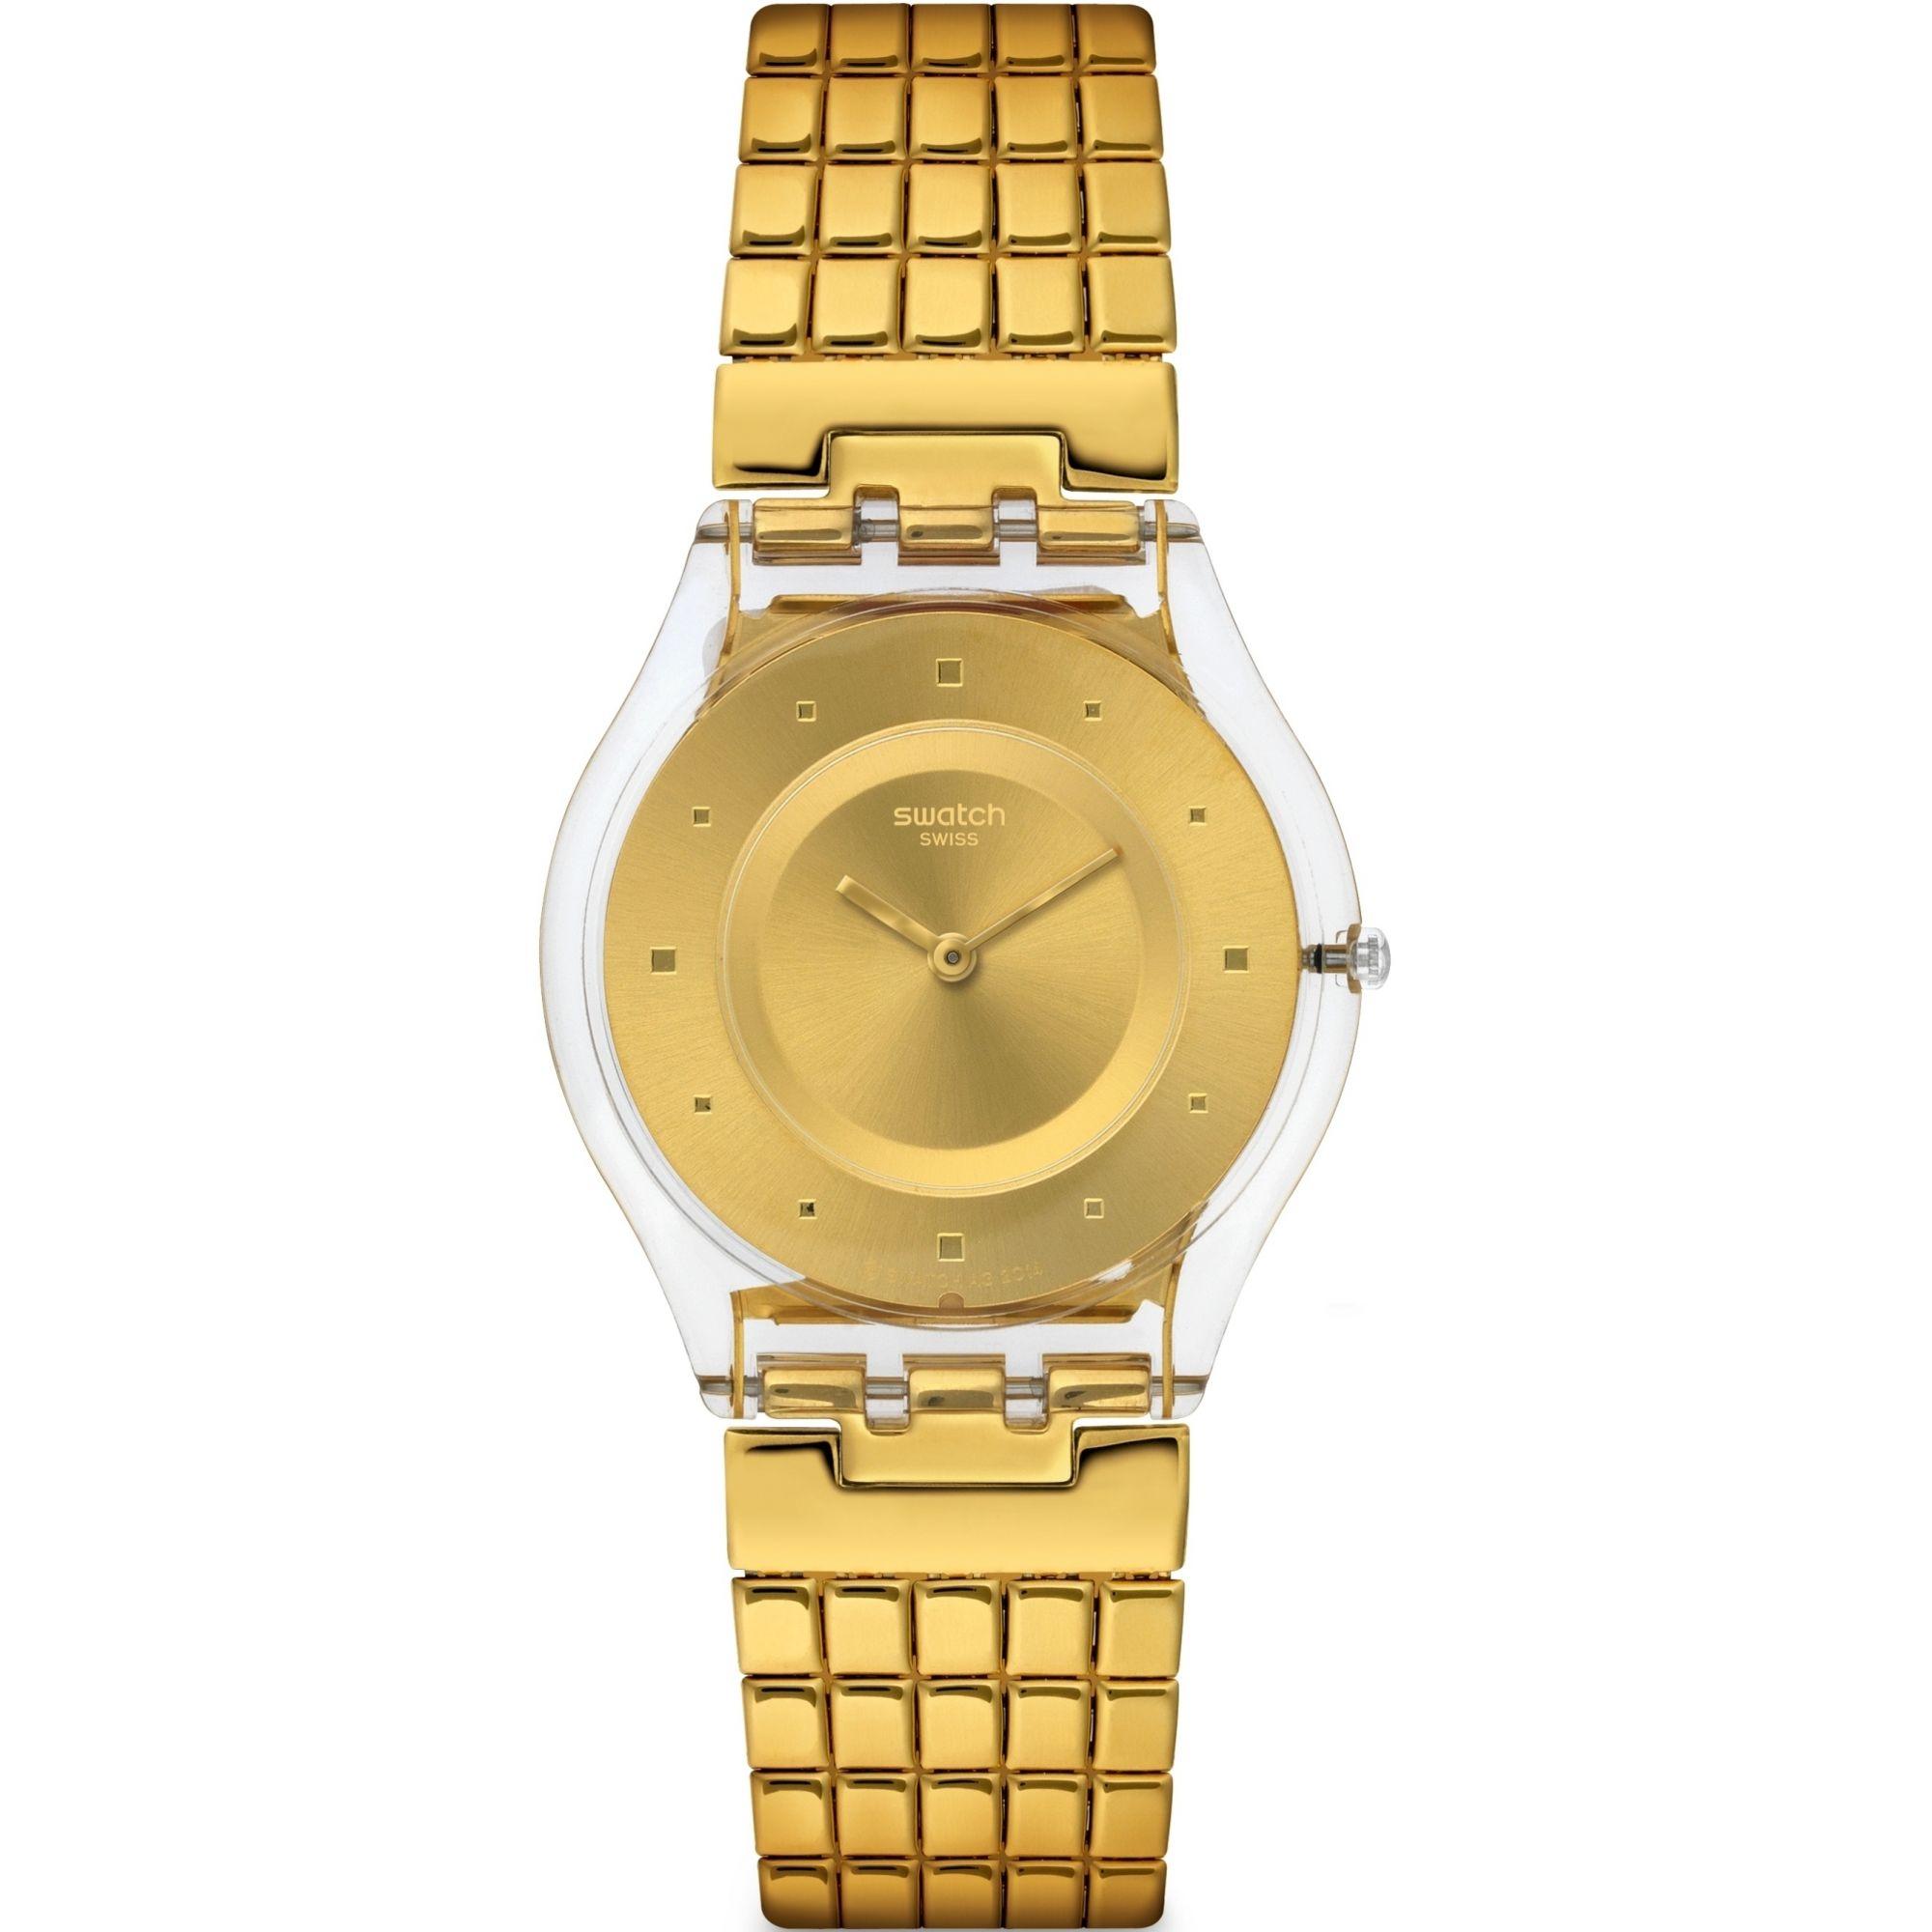 Favorito Orologi Swatch - maronogioielli - Orologio Swatch bracciale  WP89